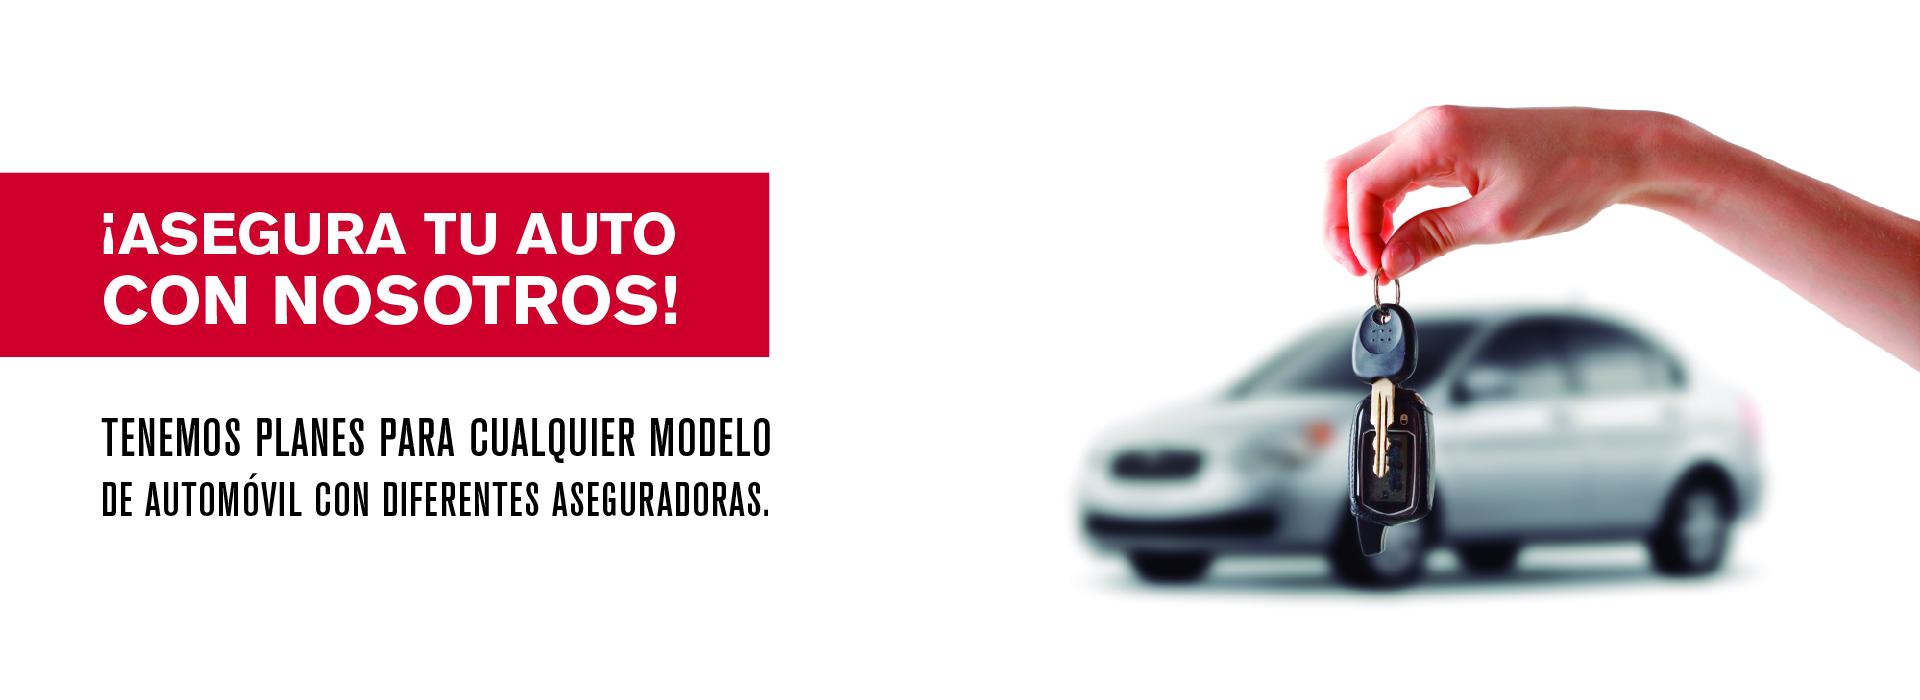 Asegura tu auto Nissan Multimarca toluca metepec zinacantepec san mateo